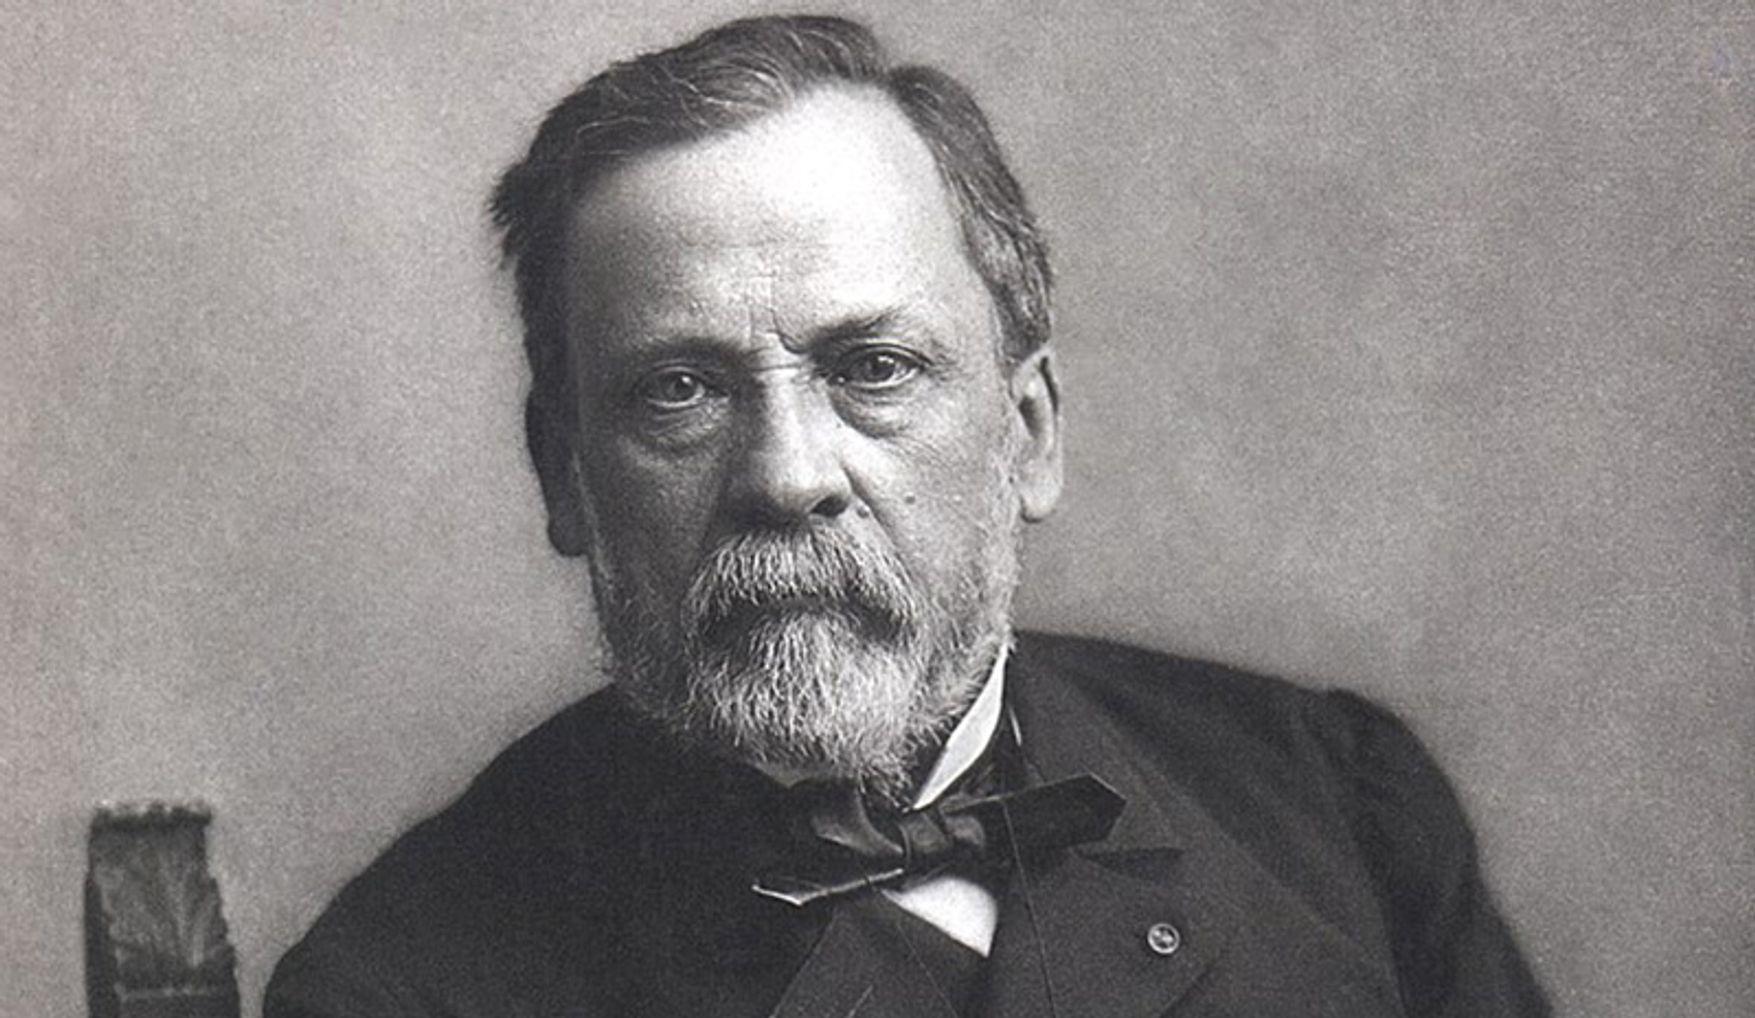 Retrato de Louis Pasteur. Fuente